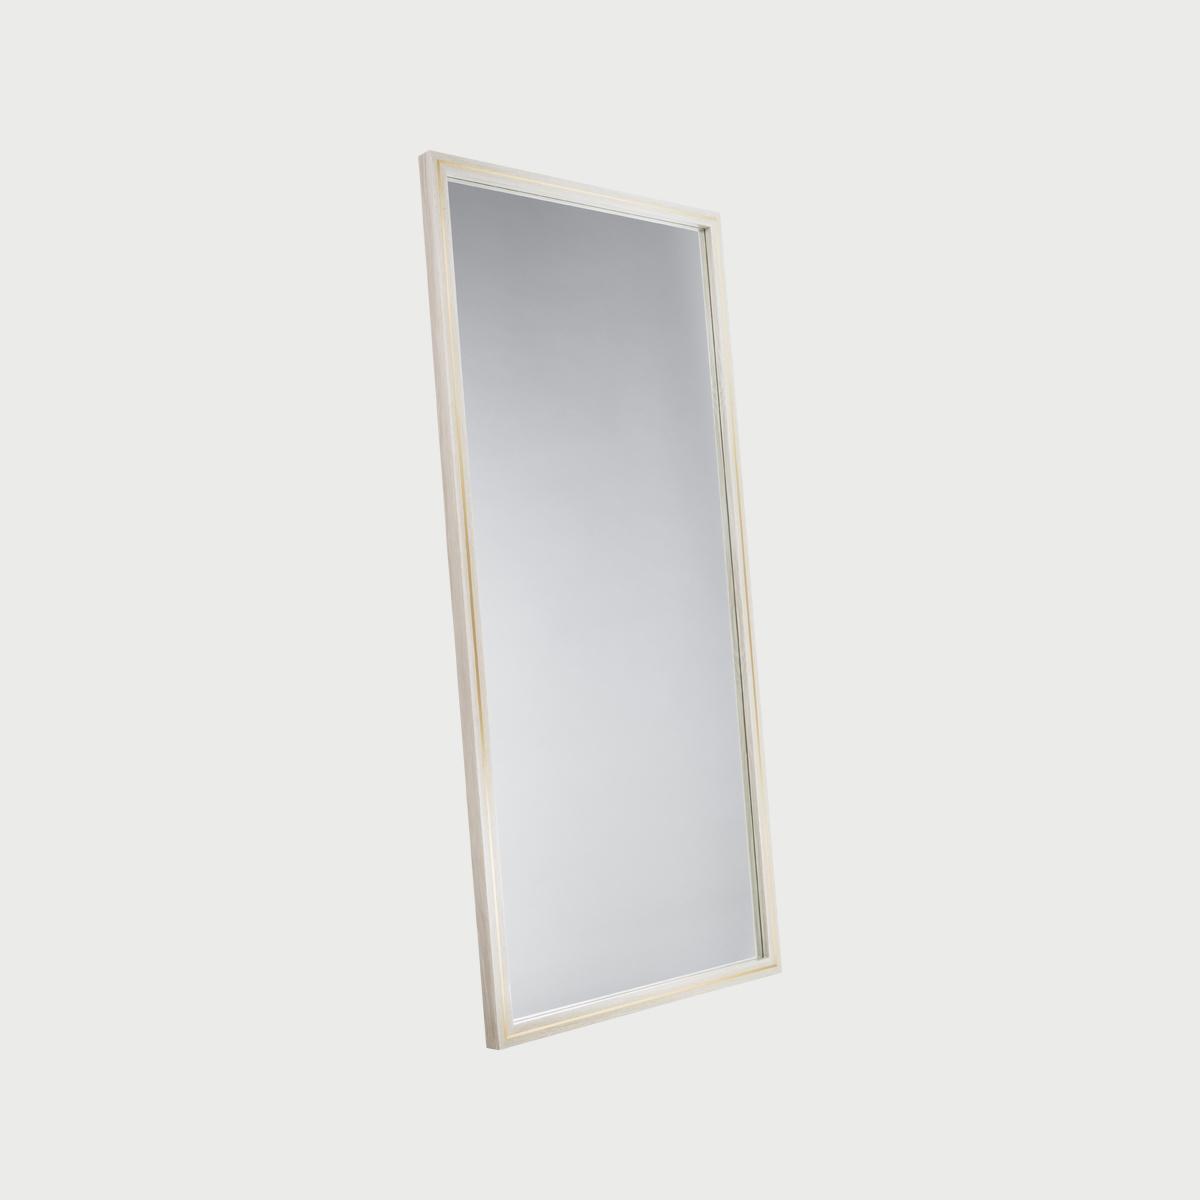 Highland mirror